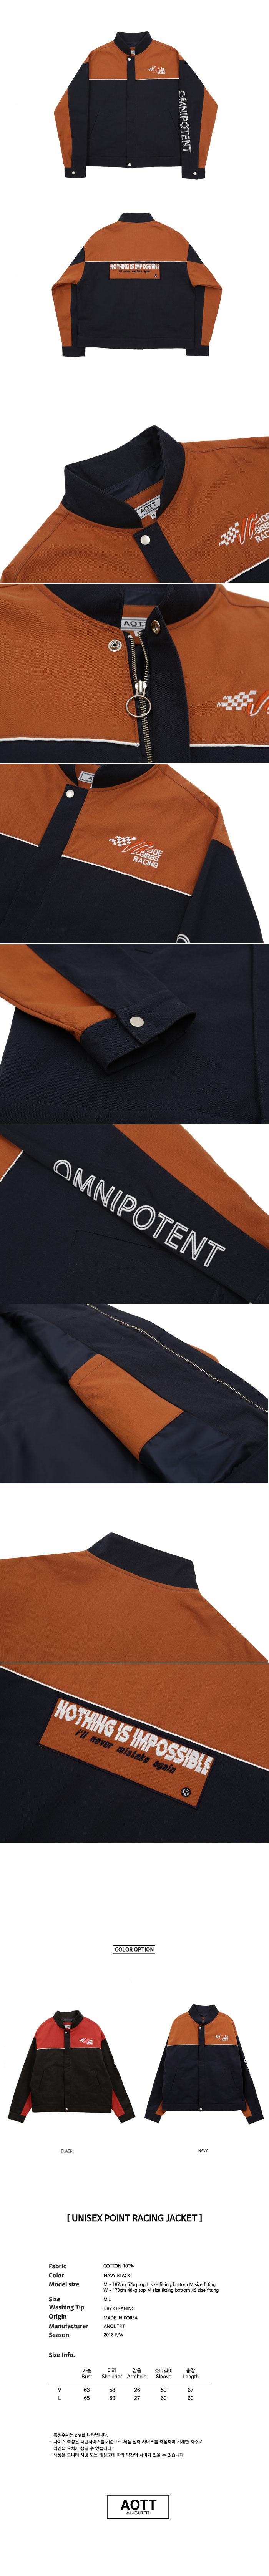 언아웃핏(AOTT) 유니섹스  포인트 레이싱 자켓 네이비